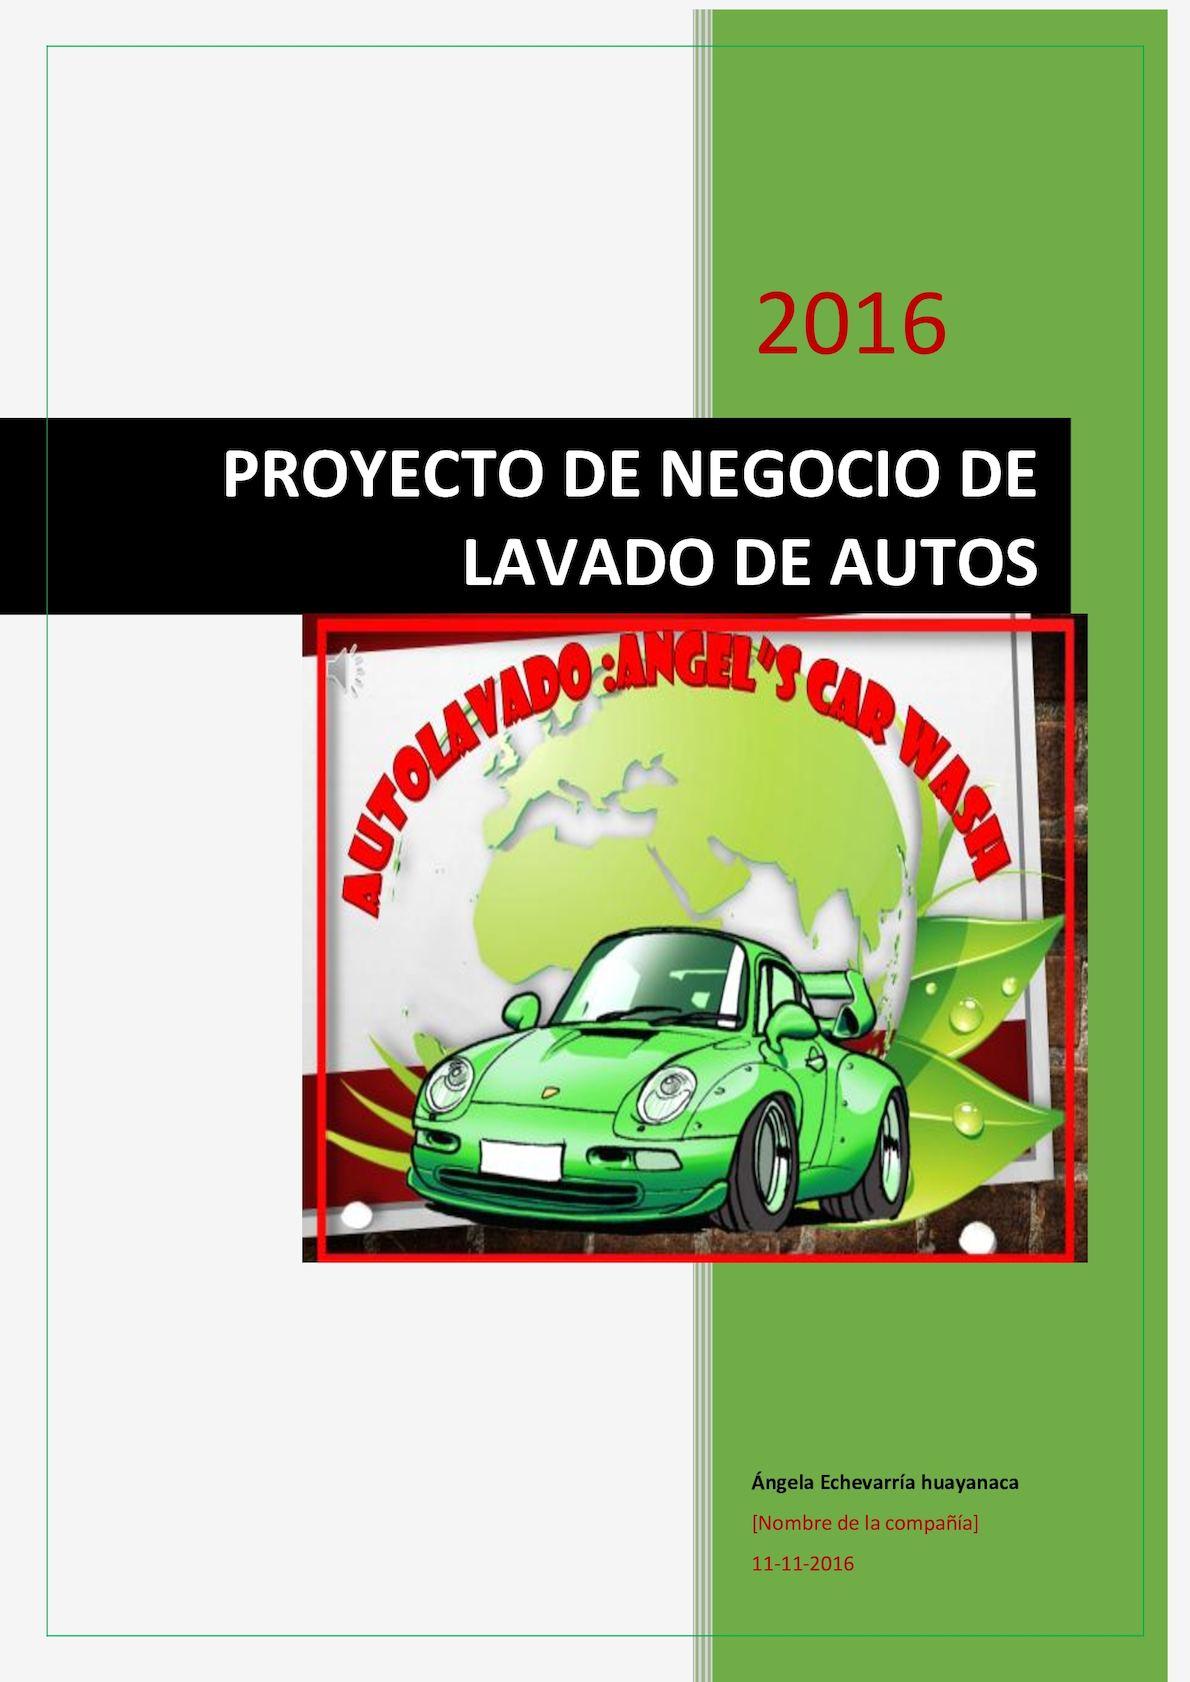 Calaméo - Proyecto De Negocio De Lavado De Autos Pra Computo